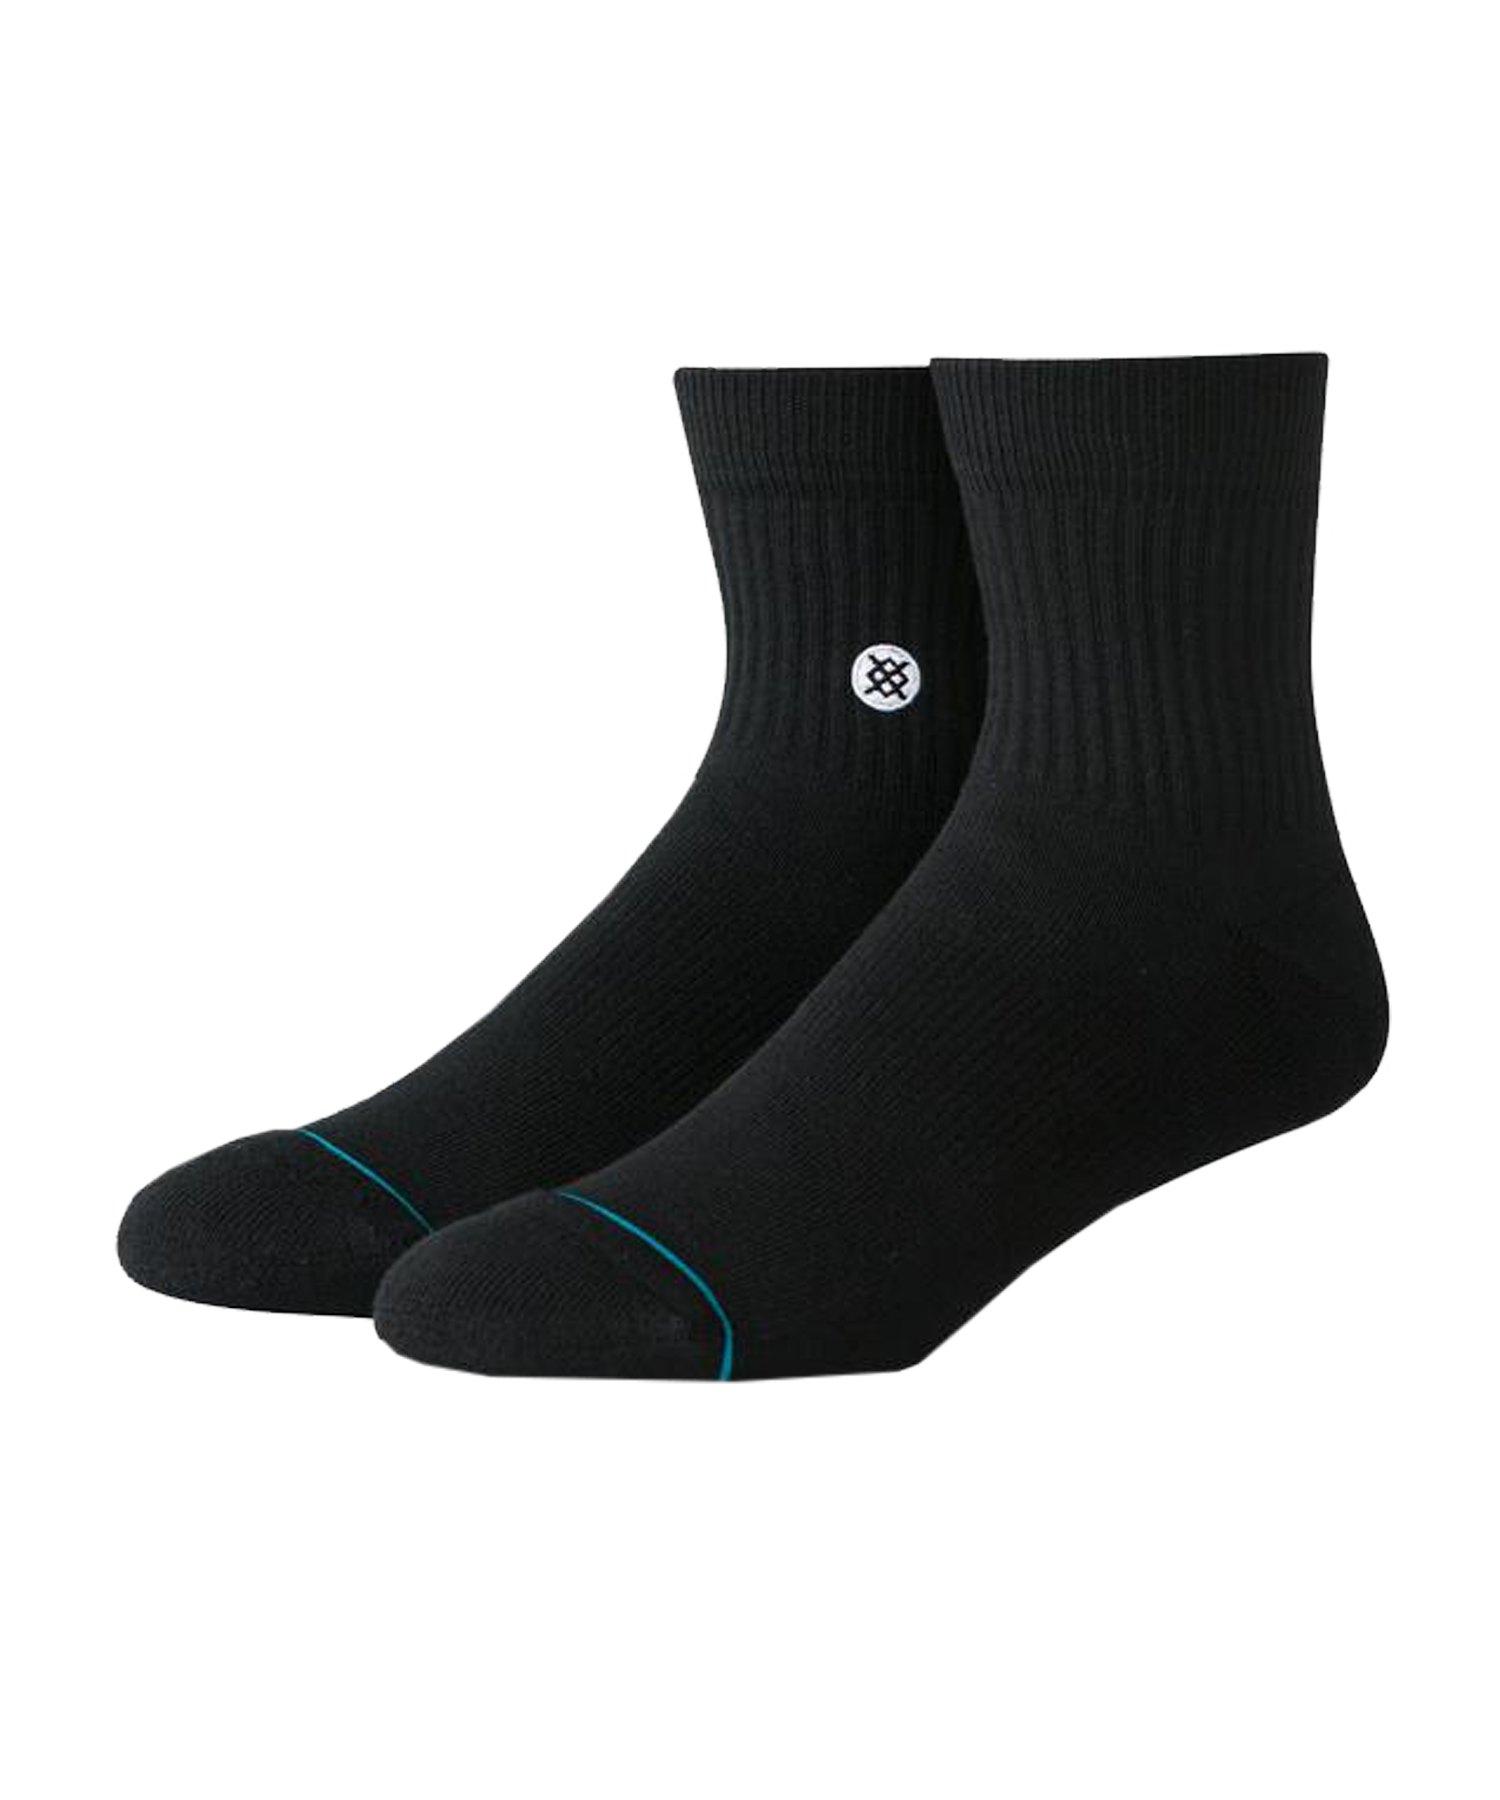 Stance Icon 3er Pack Socken Schwarz Weiss - schwarz